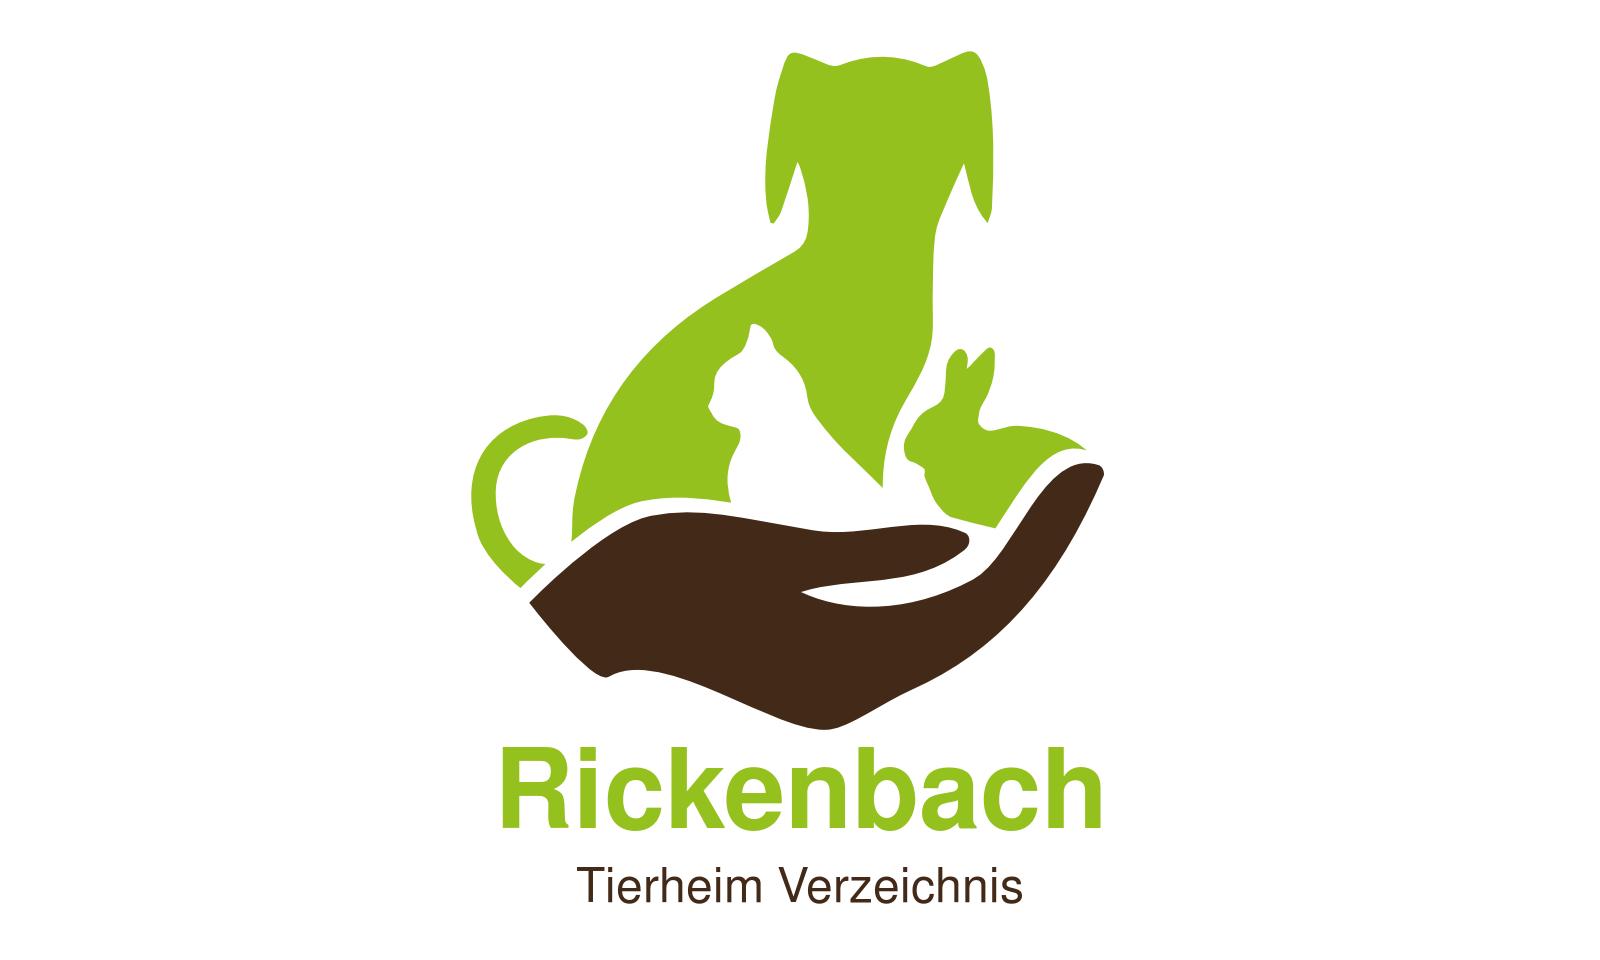 Tierheim Rickenbach